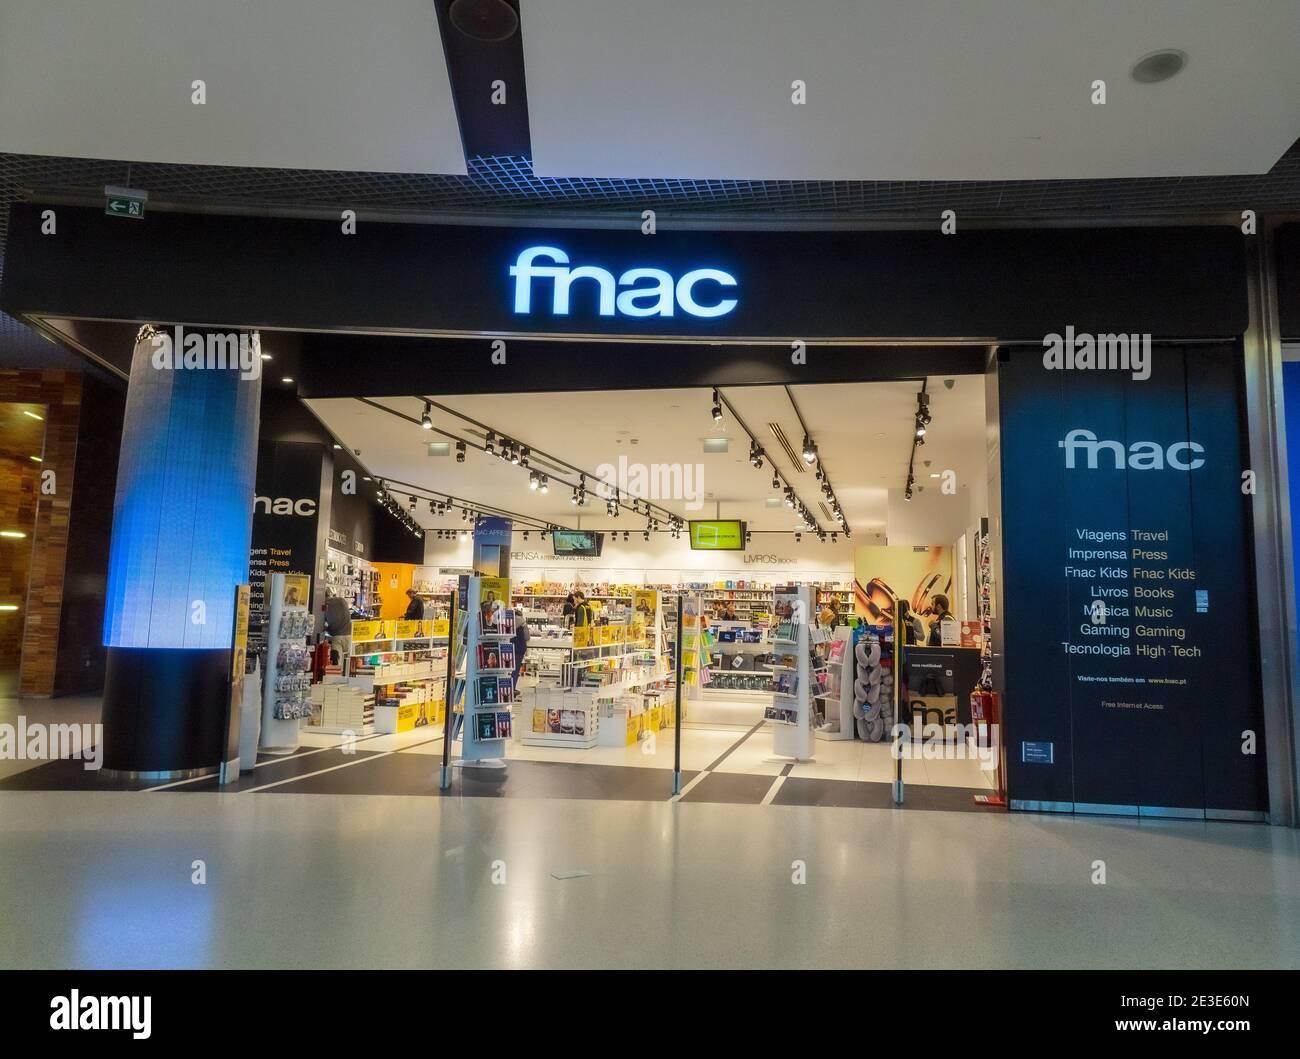 Fnac Stockfotos und -bilder Kaufen - Alamy